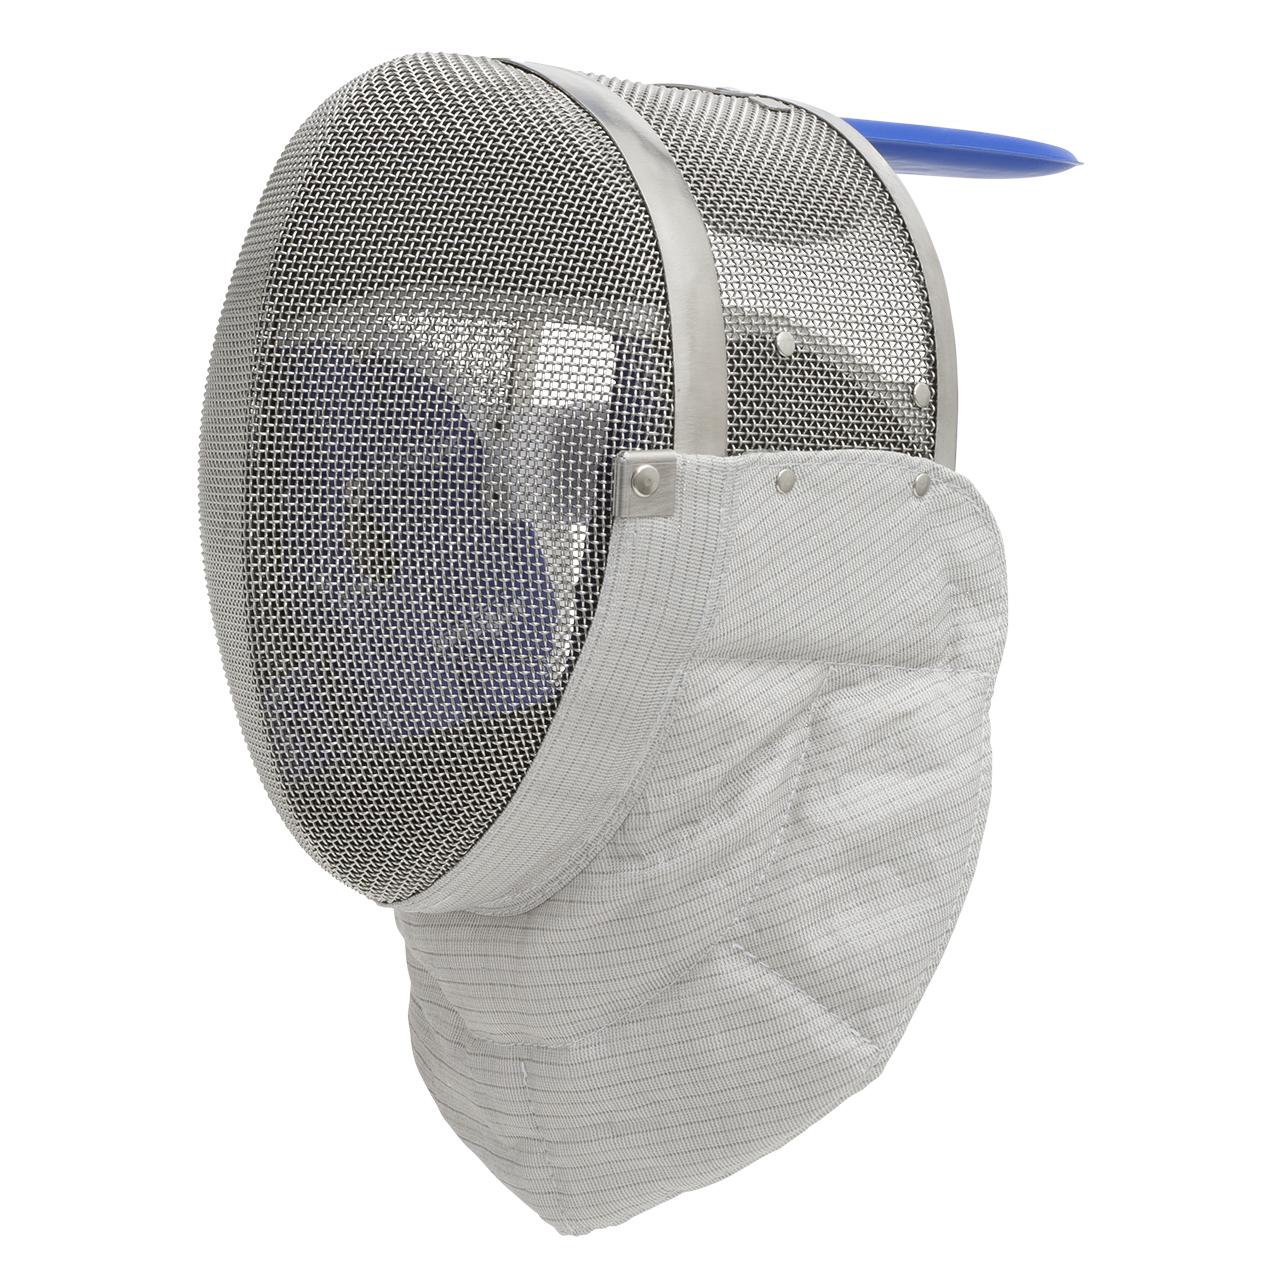 FIE Säbel-Maske 1600N